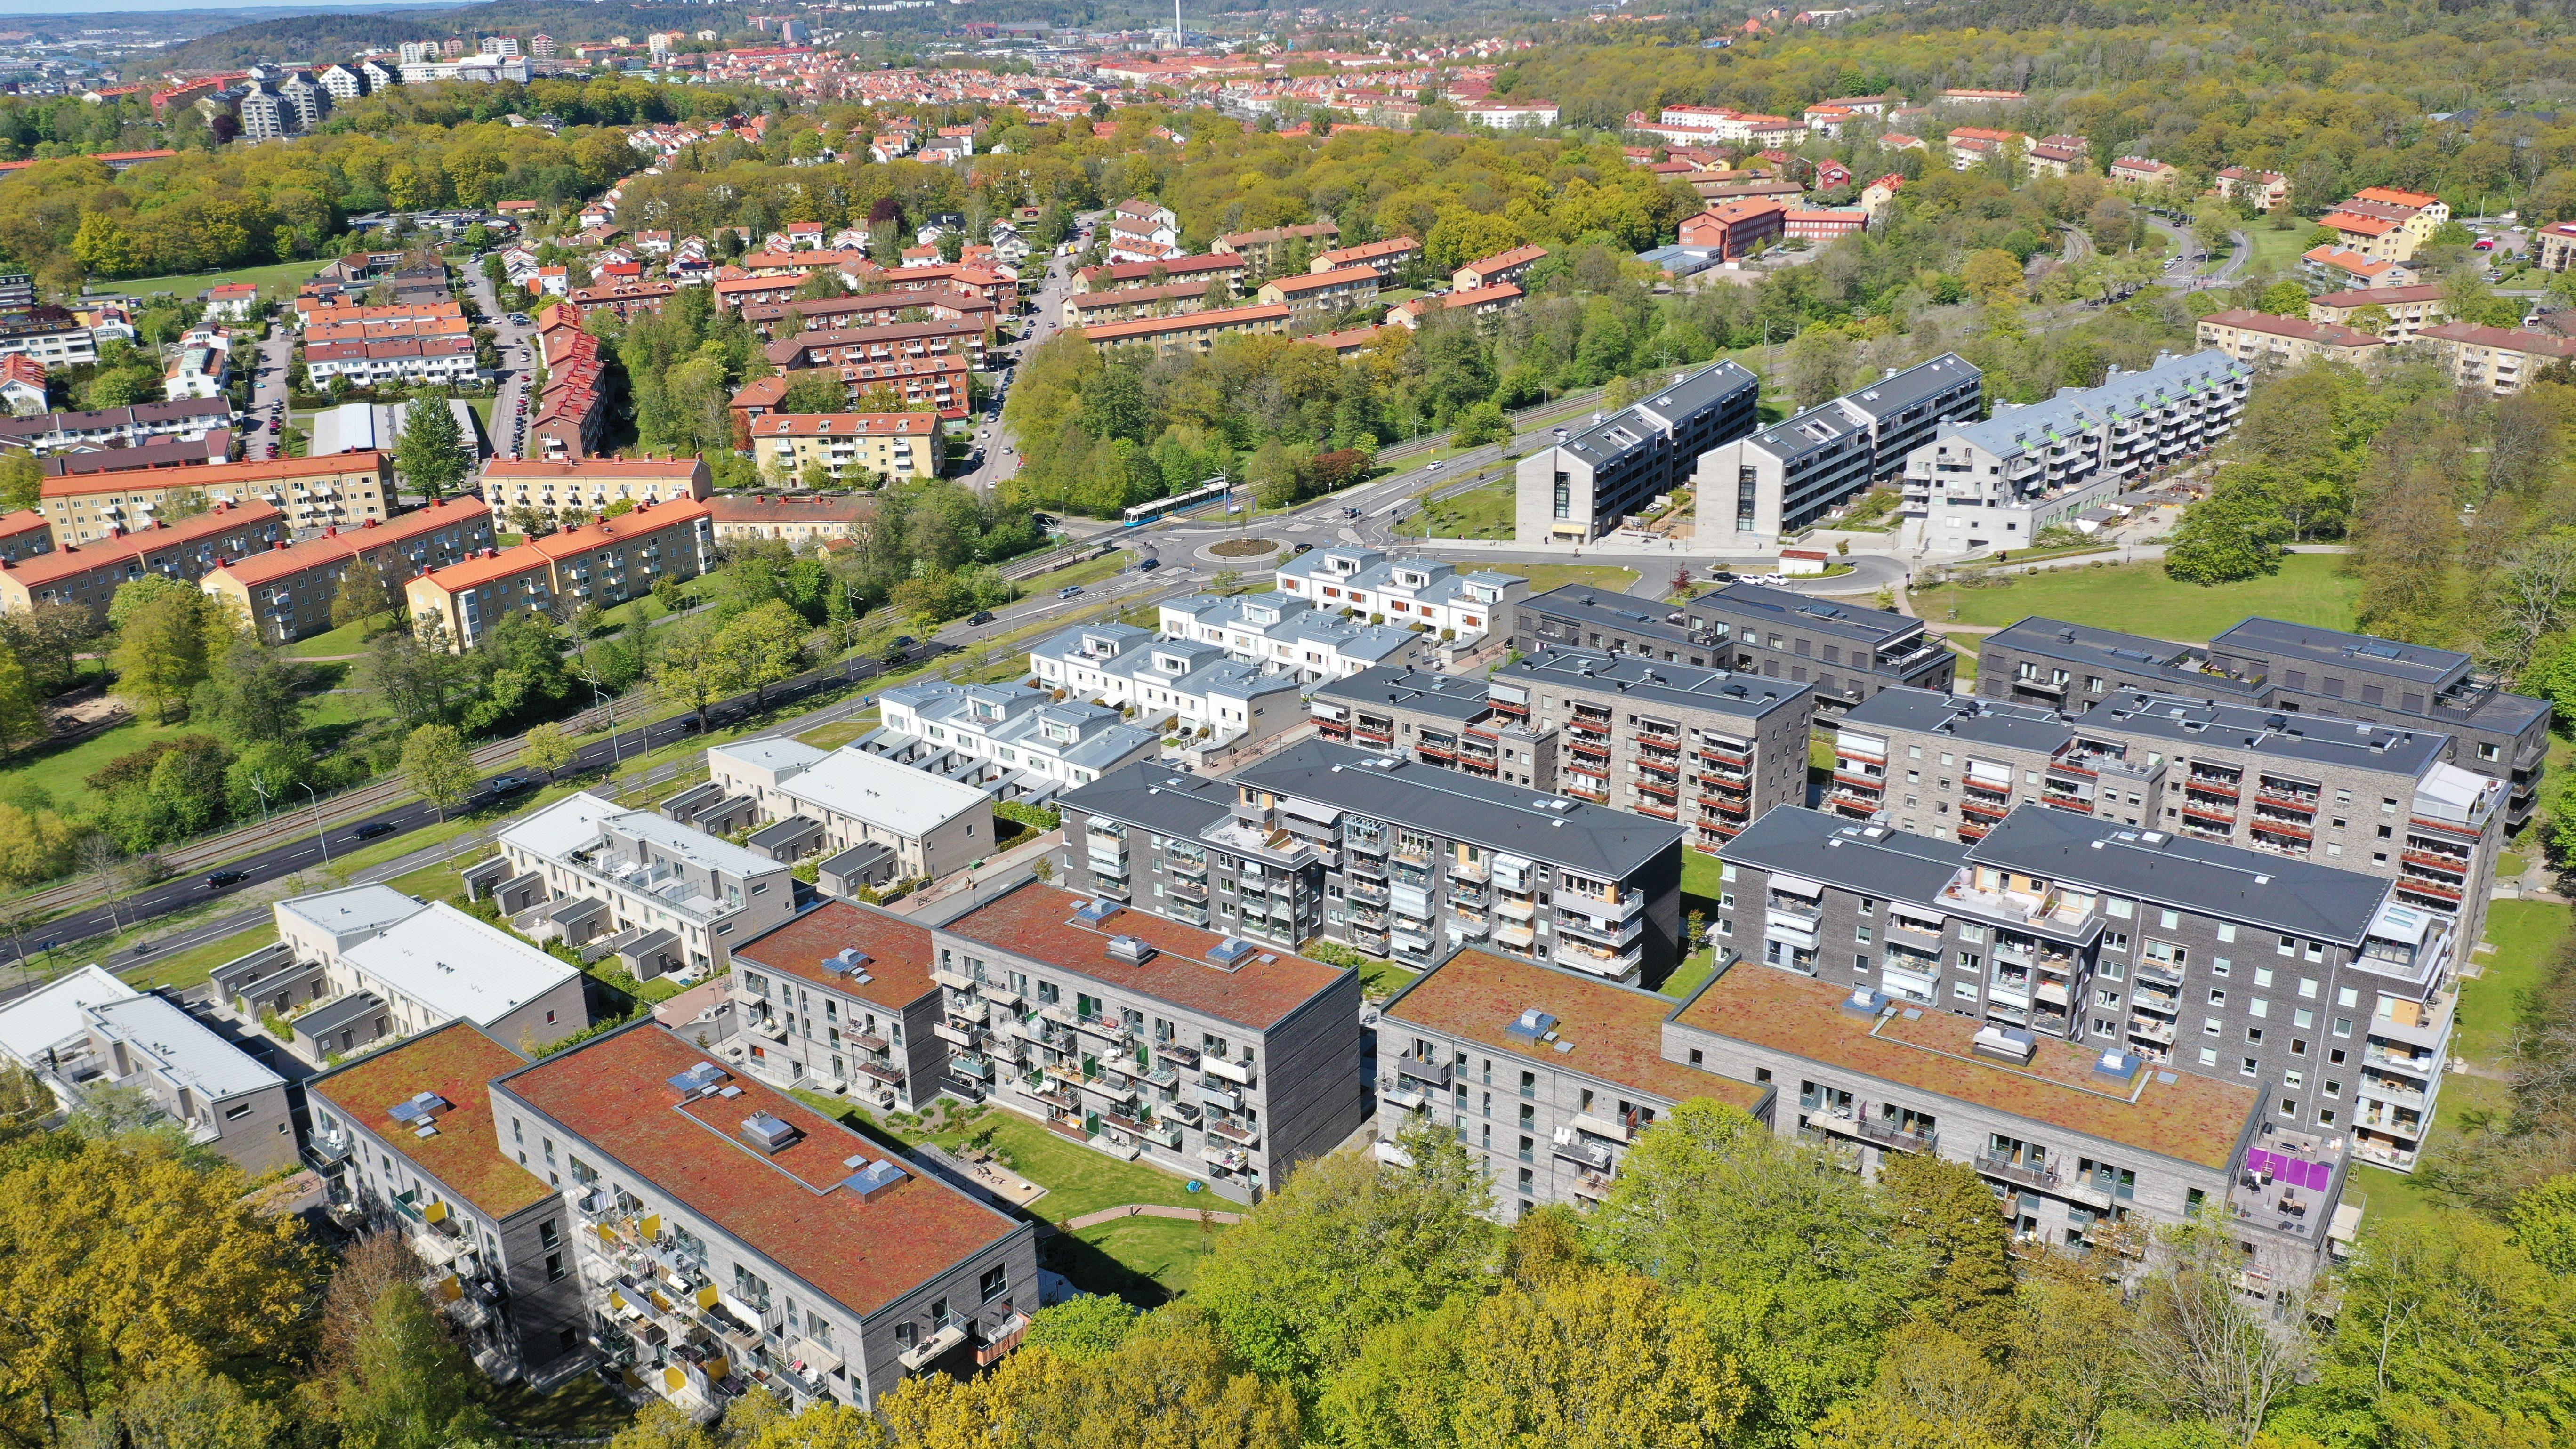 Flygbilder över Örgryte Torp med hyres- och bostadsrättshus i förgrunden och radhus i bakgrunden.